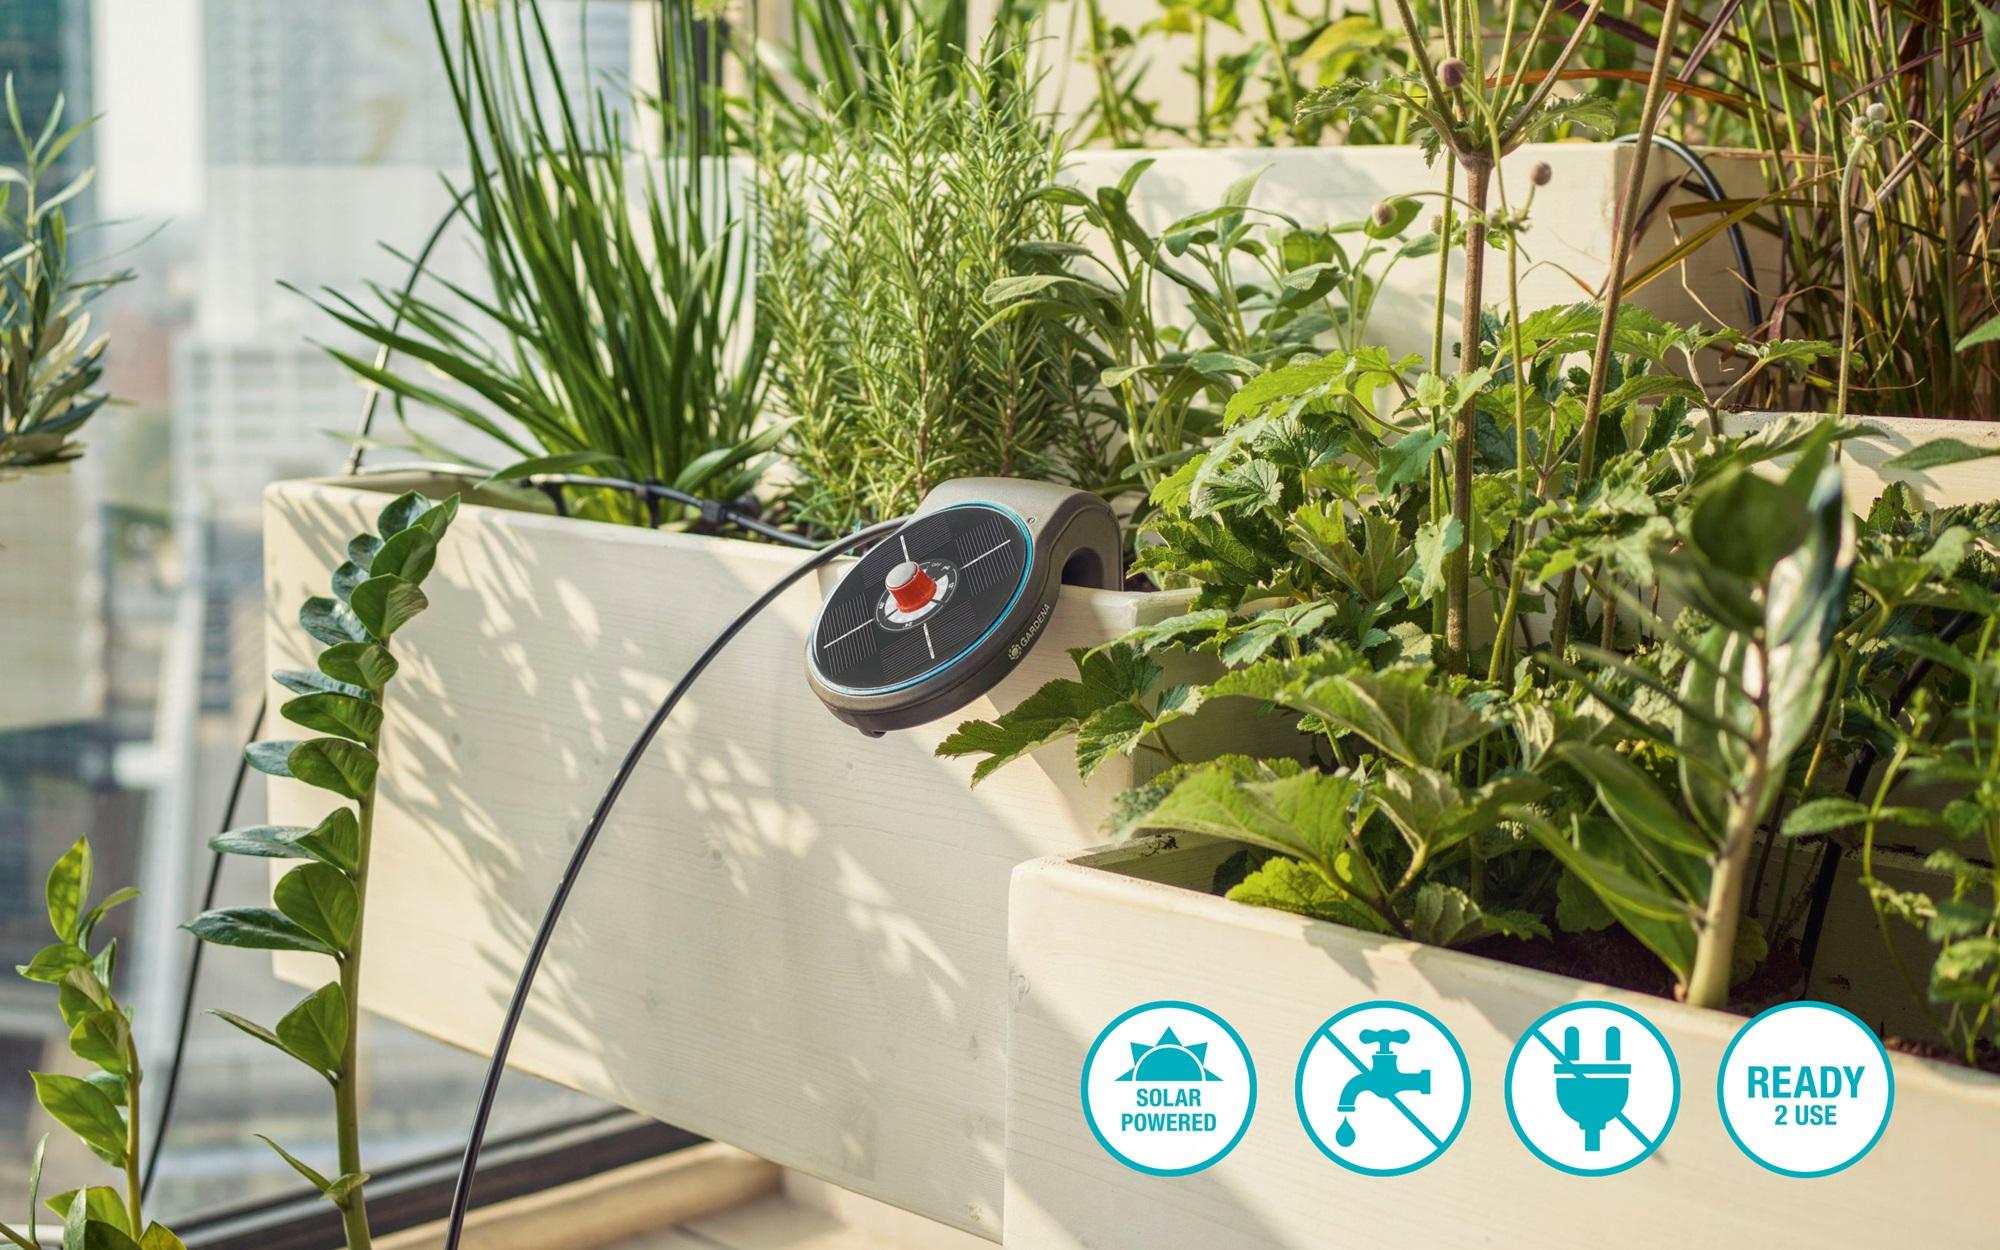 Full Size of Gardena Urlaubsbewsserung Bewässerungssystem Garten Bewässerungssysteme Bewässerung Automatisch Test Wohnzimmer Bewässerung Balkon